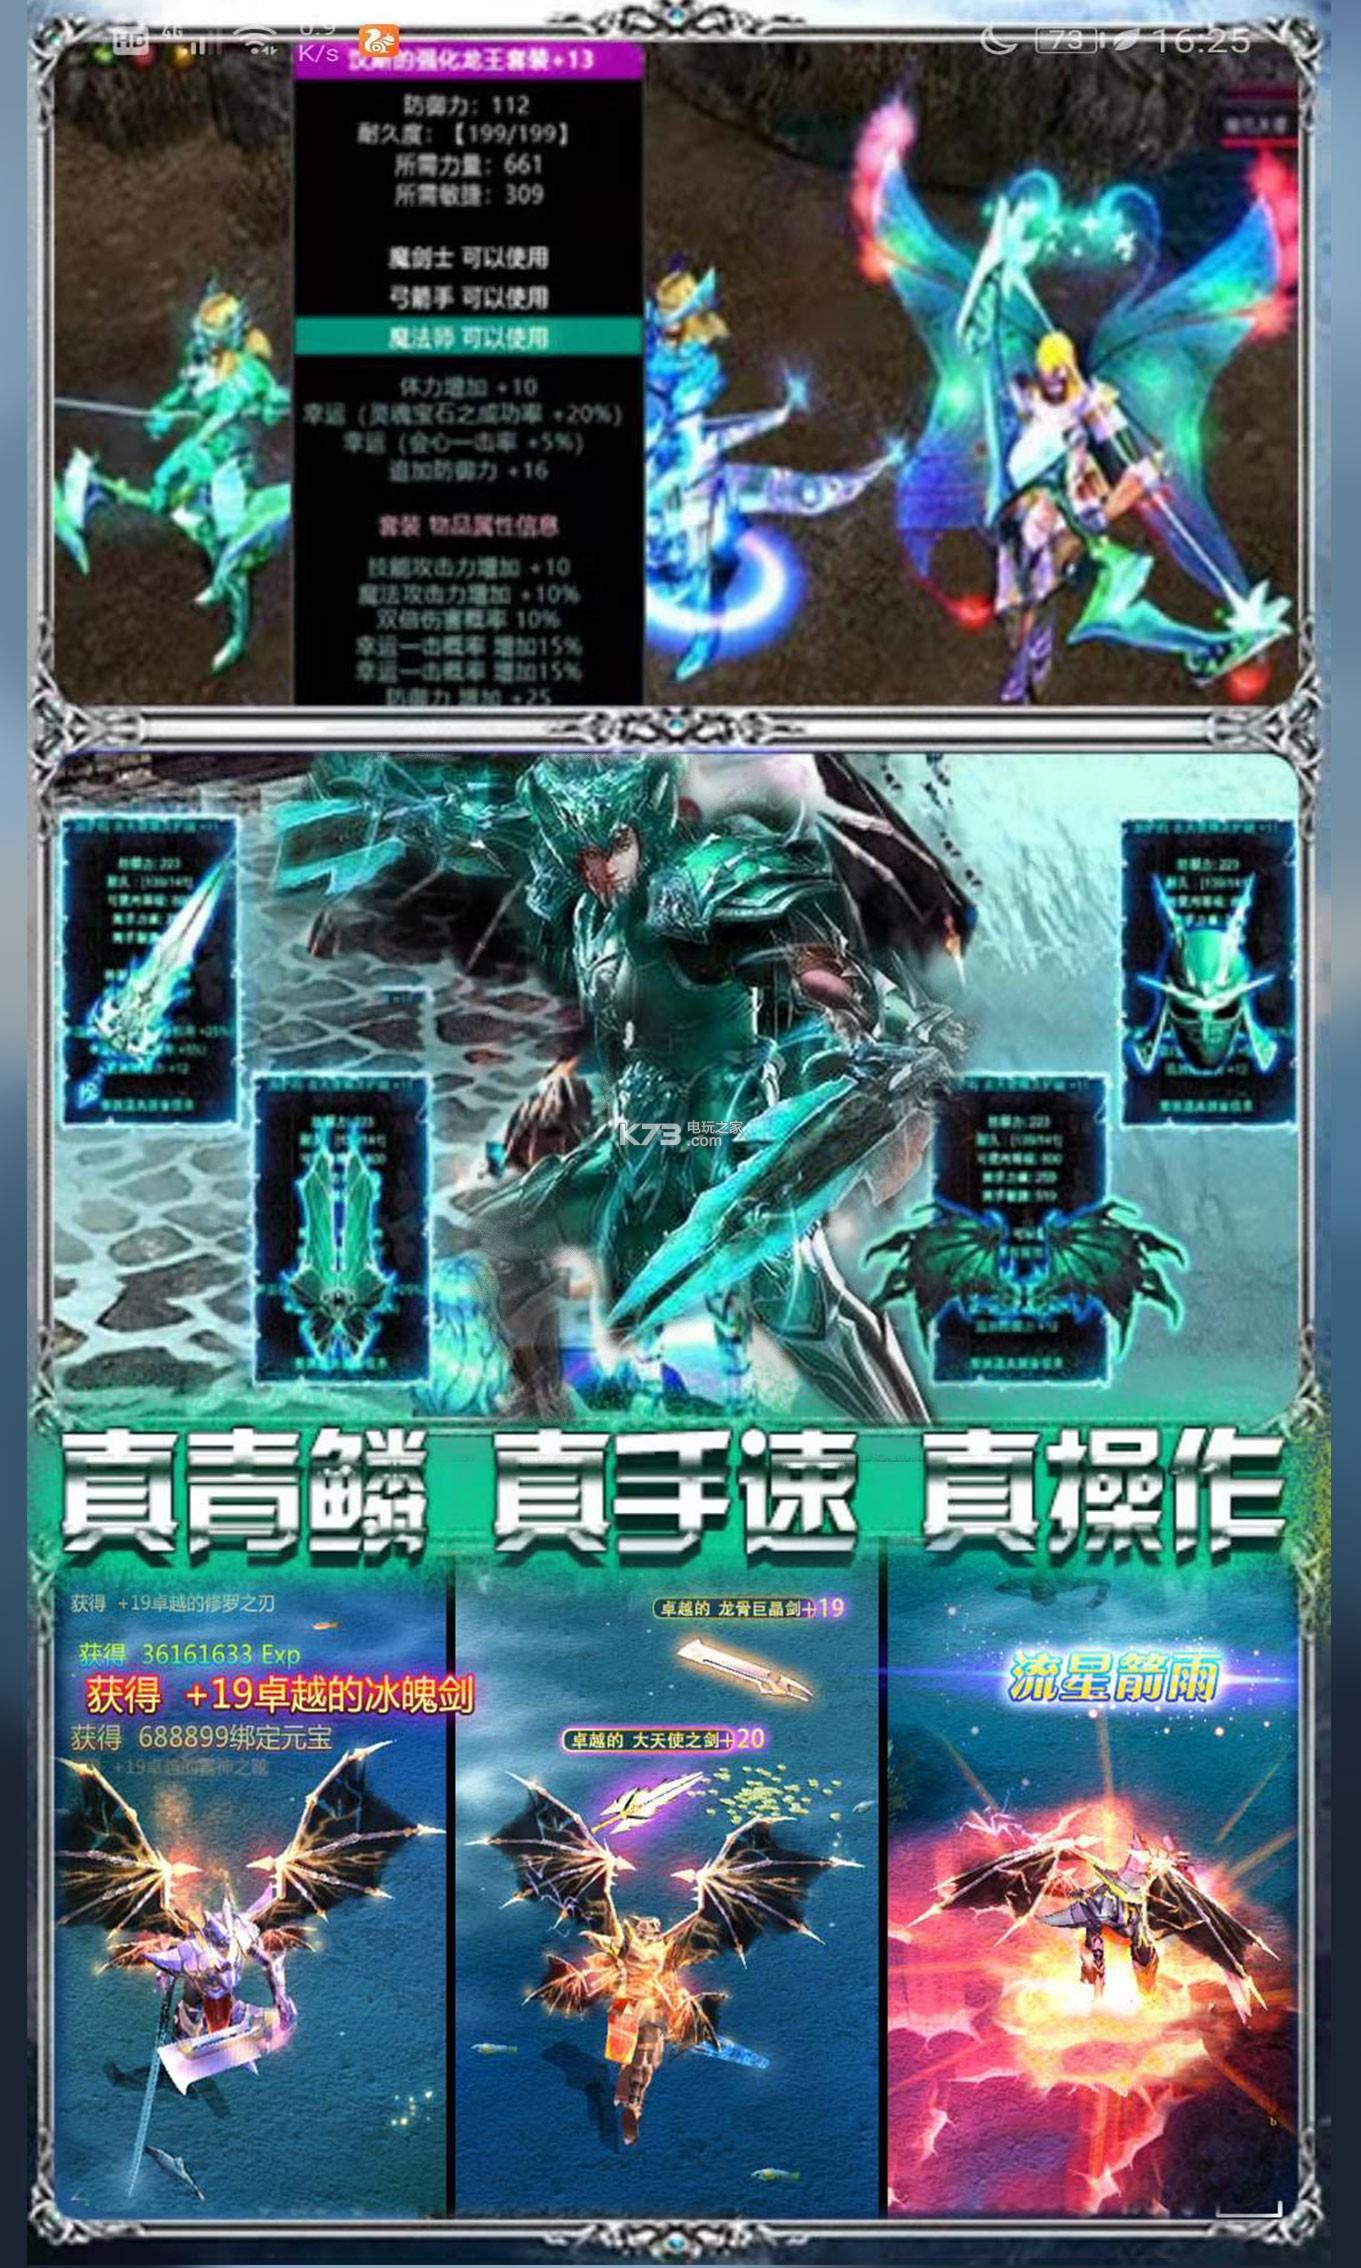 时光幻境奇迹版 v1.0 无限钻石版下载 截图